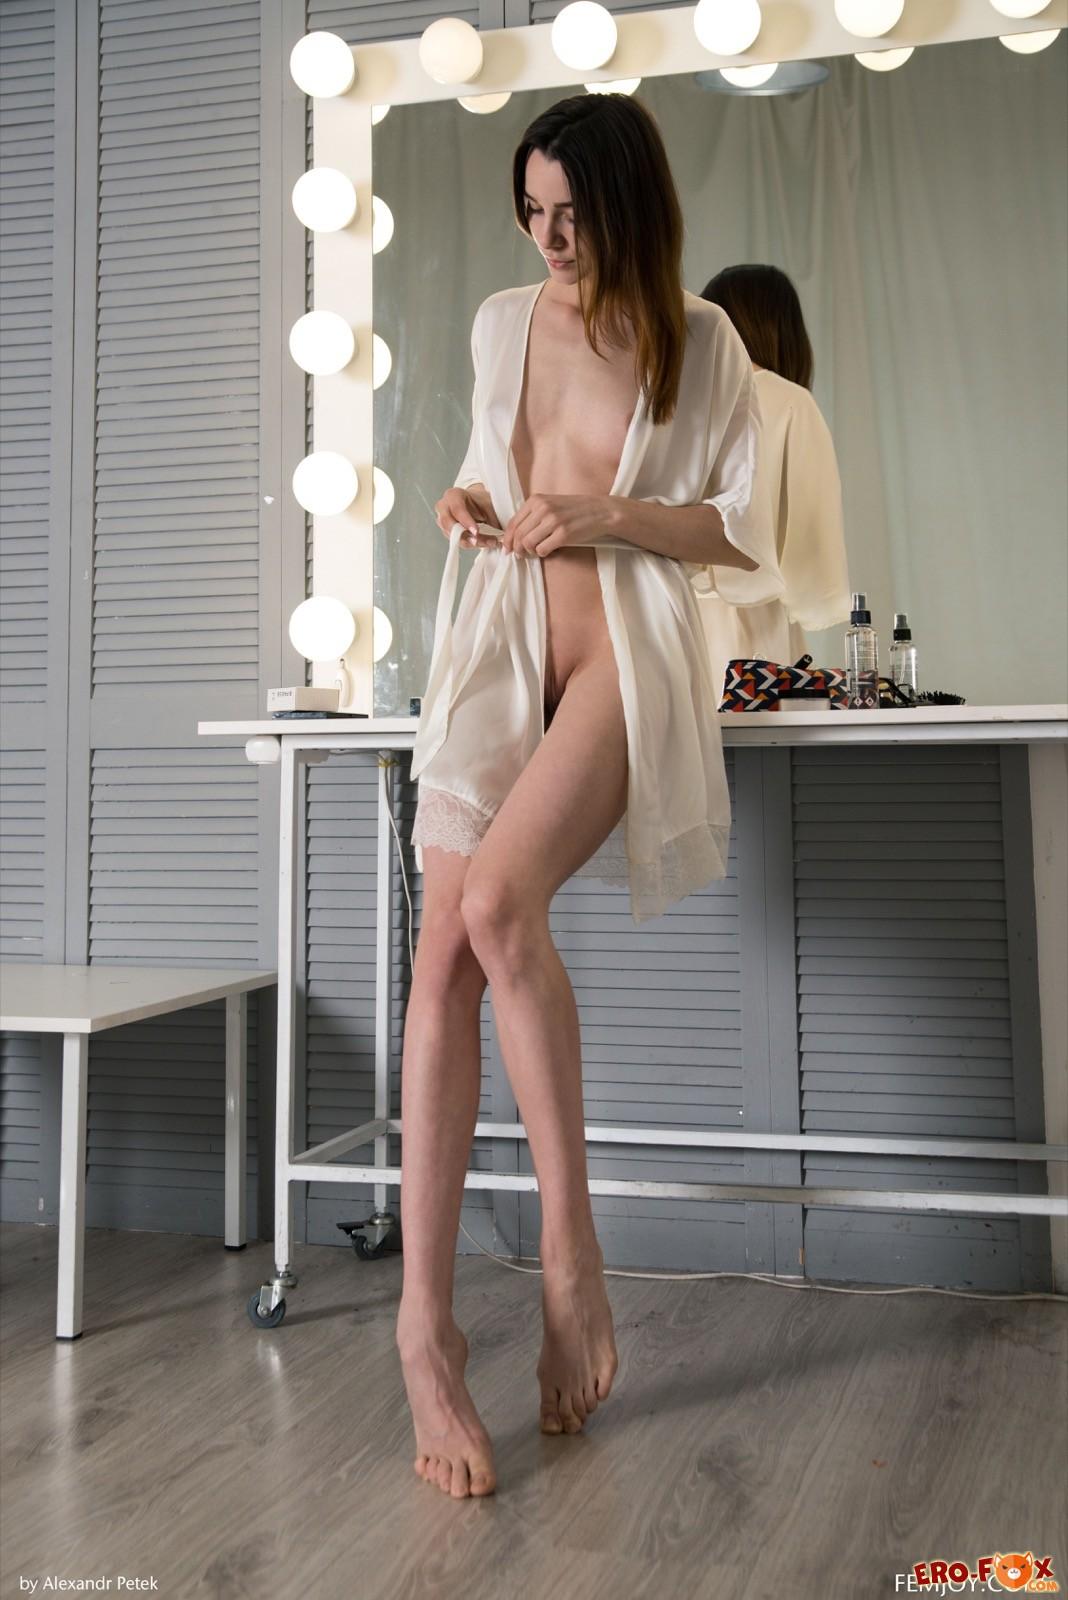 Девушка сняла шёлковый халатик с голого тела